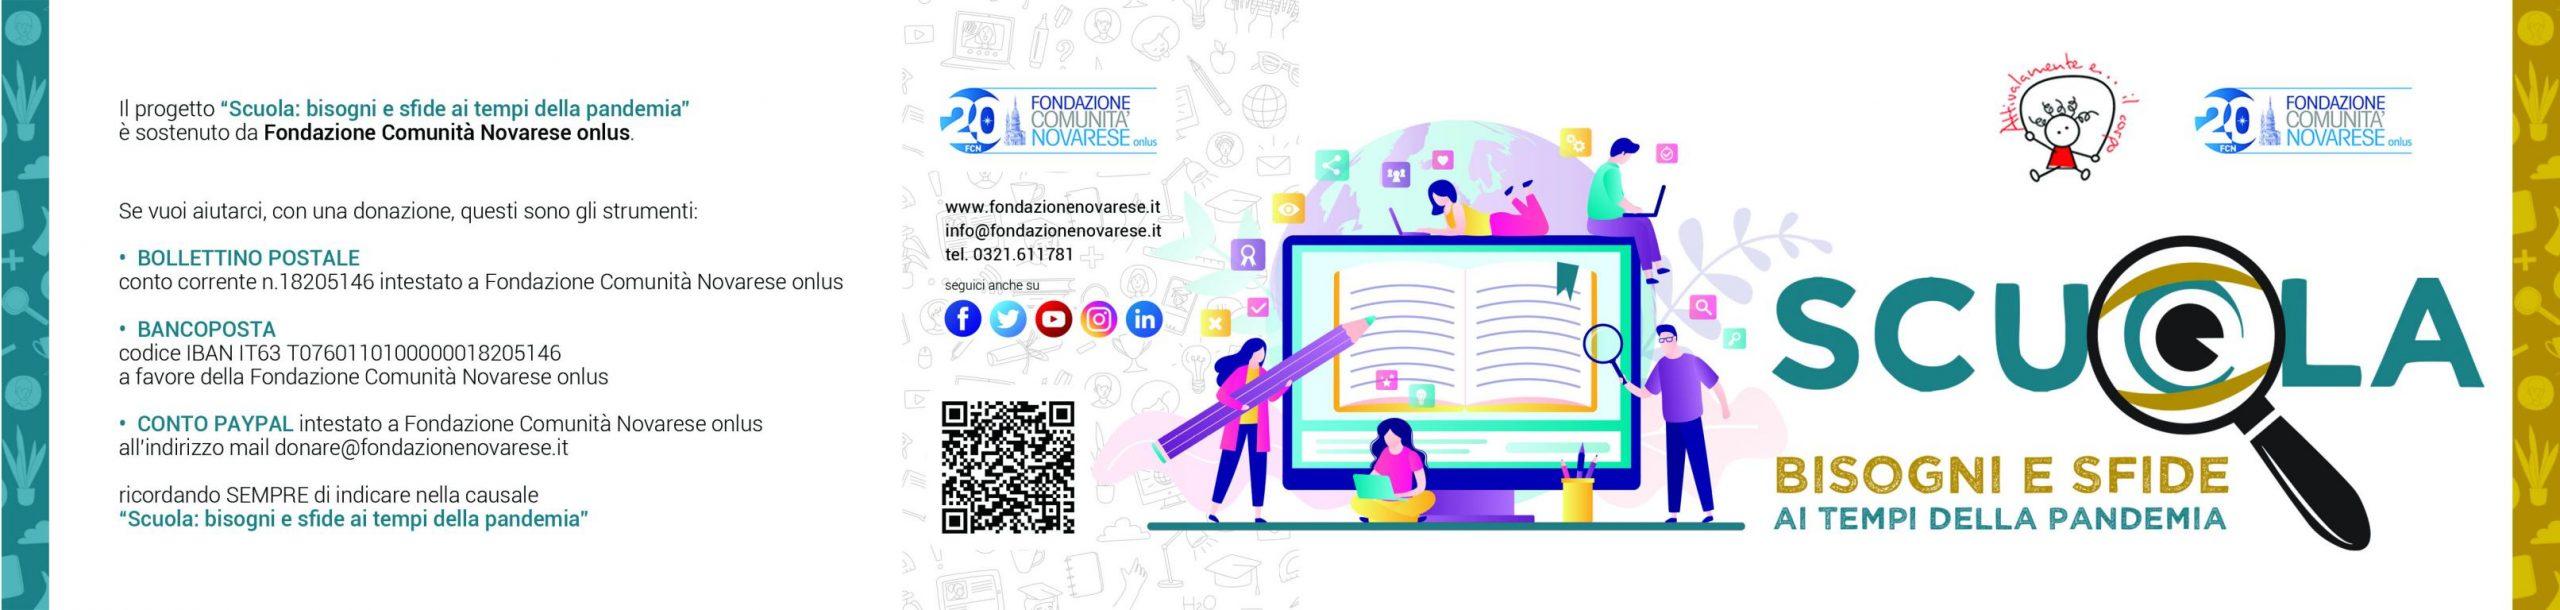 2021_Scuola_Brochure_esterno